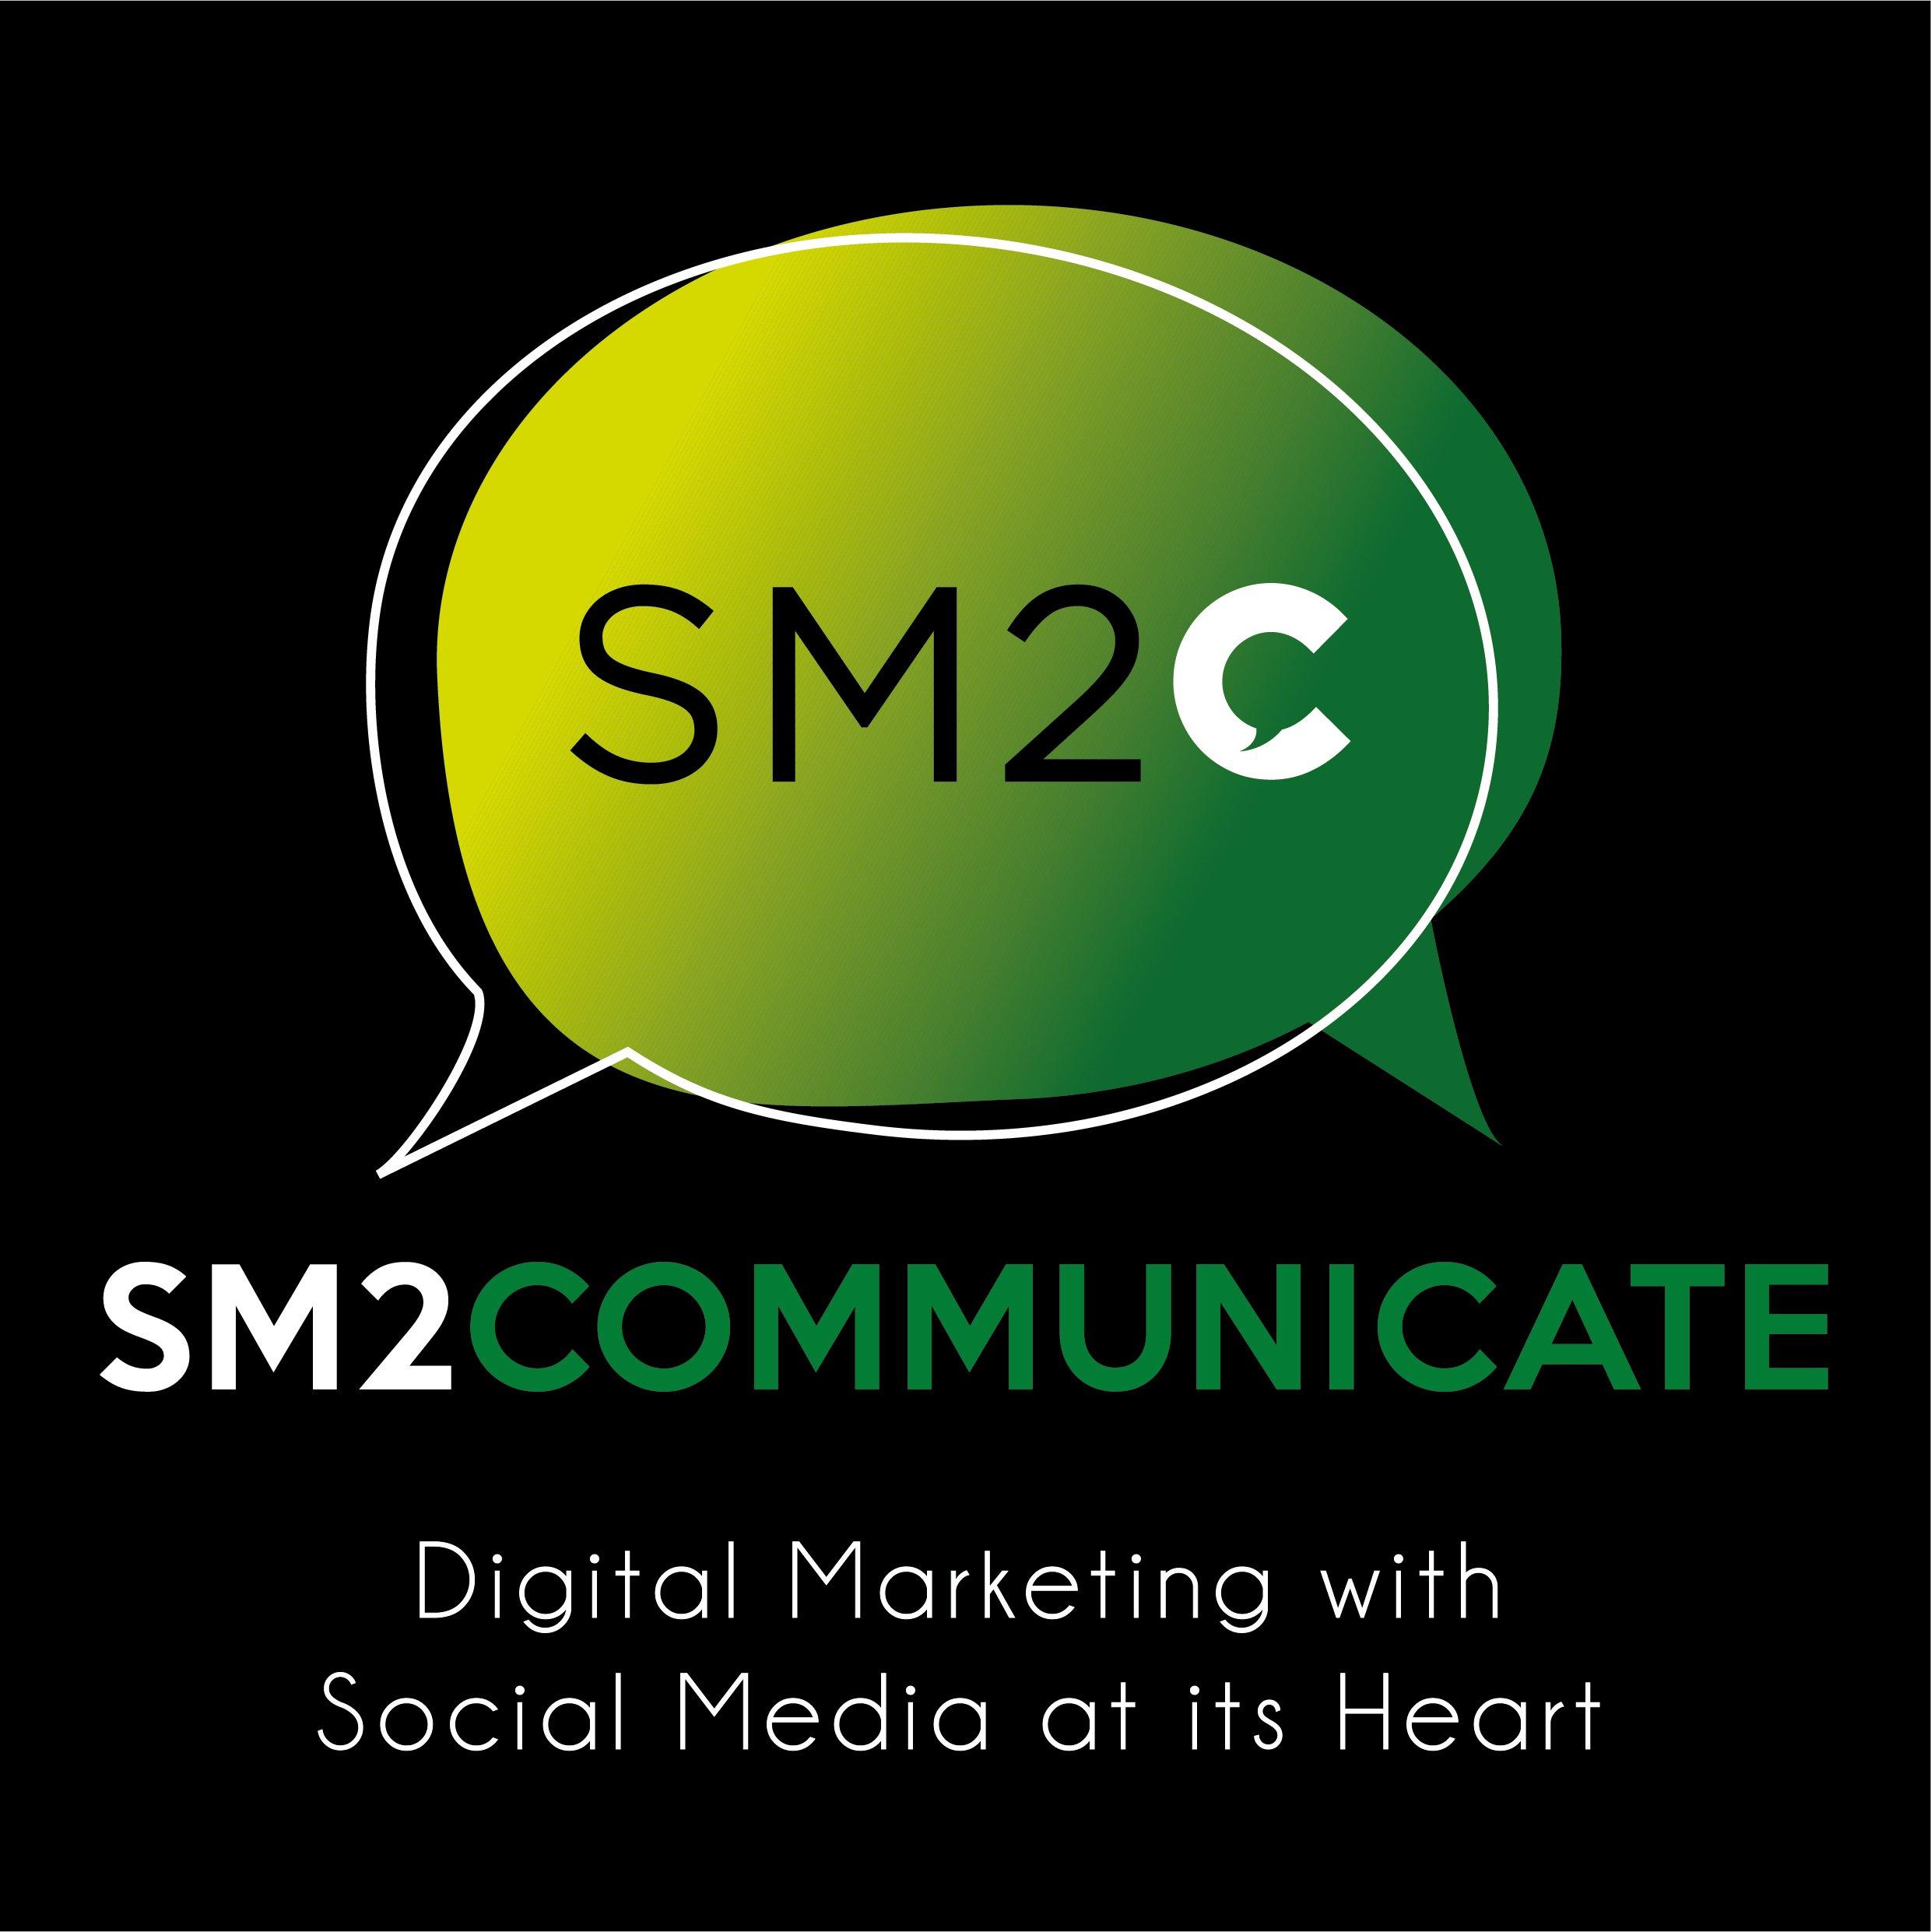 SM2C V2 Logo Black BG